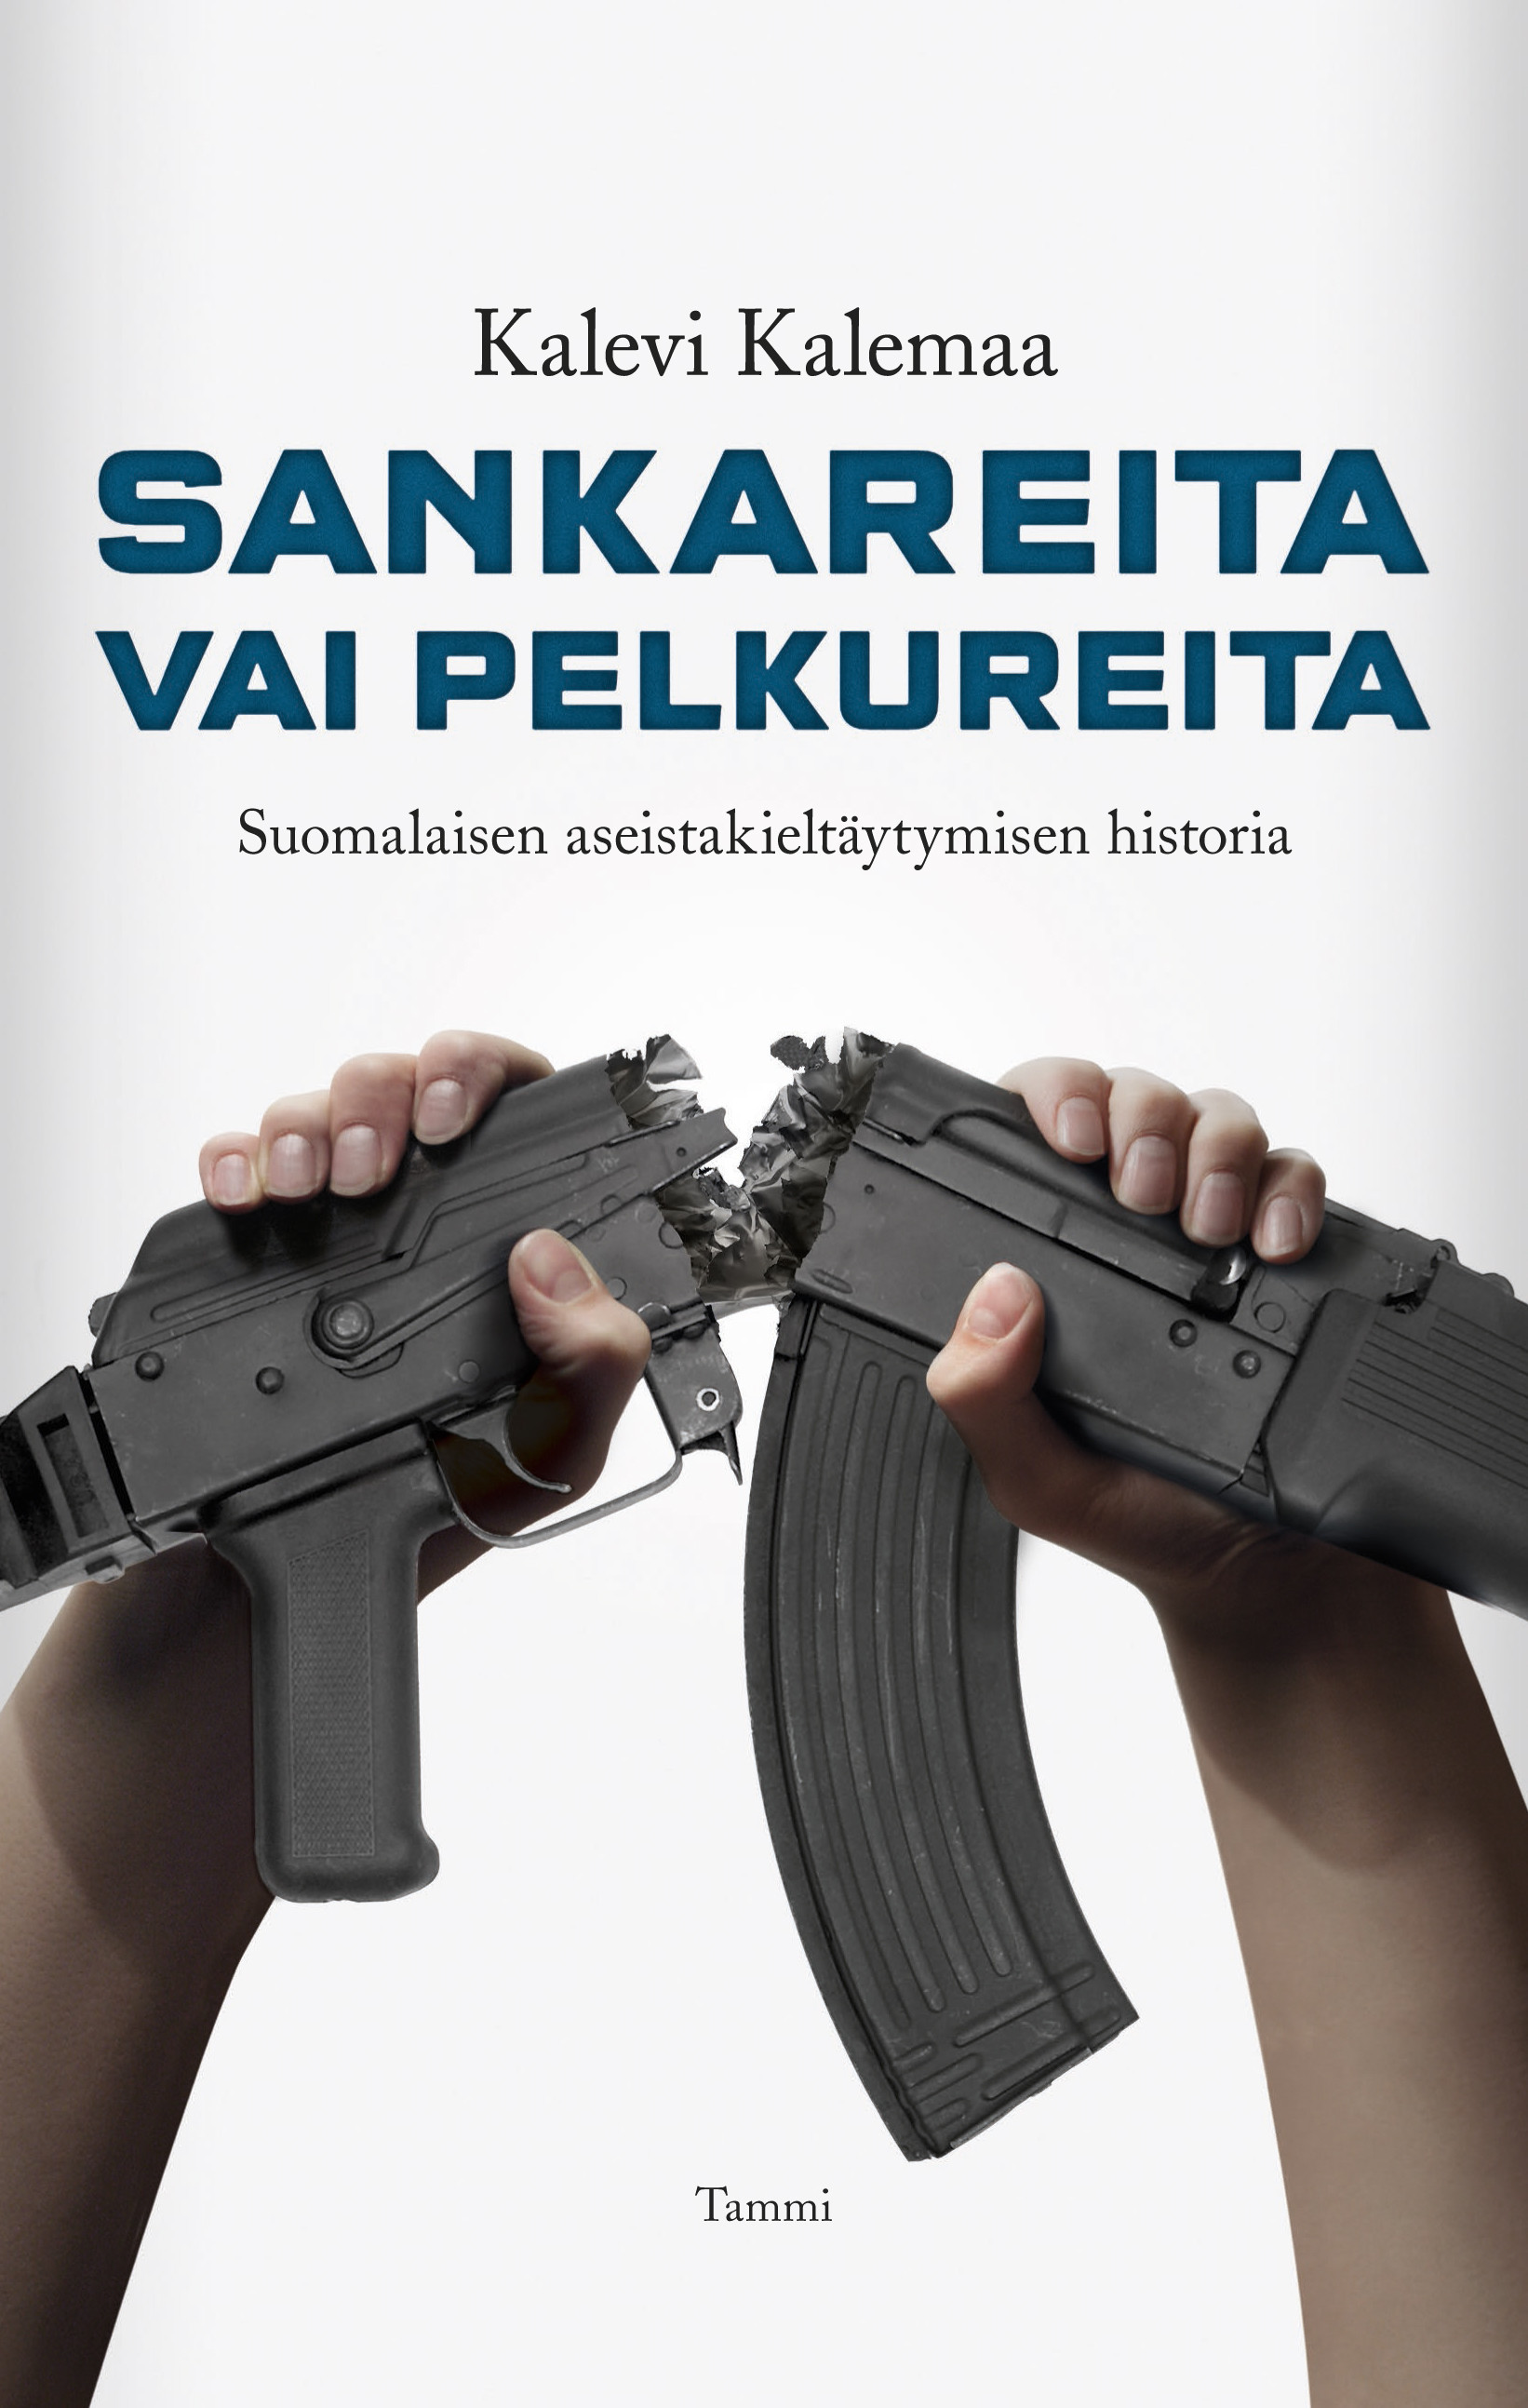 Kalemaa, Kalevi - Sankareita vai pelkureita: Suomalaisen aseistakieltäytymisen historia, e-kirja